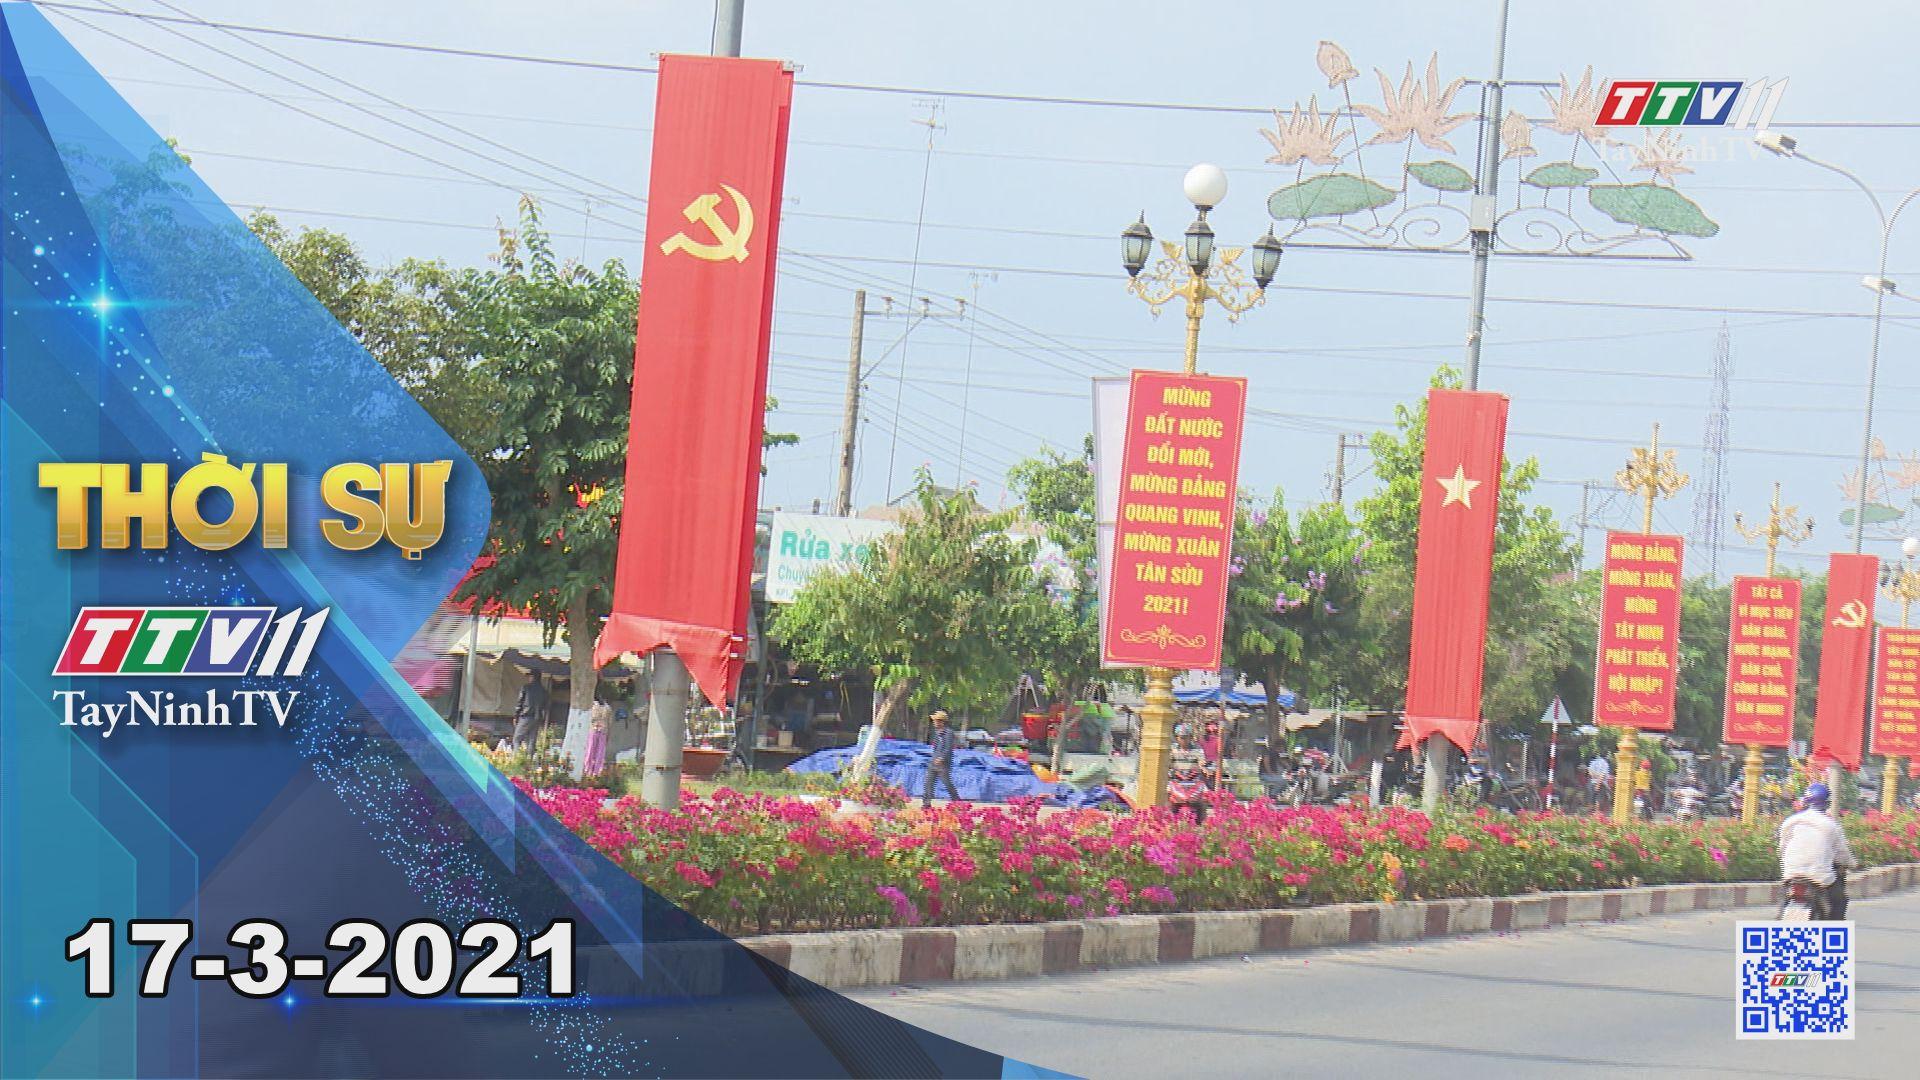 Thời sự Tây Ninh 17-3-2021   Tin tức hôm nay   TayNinhTV